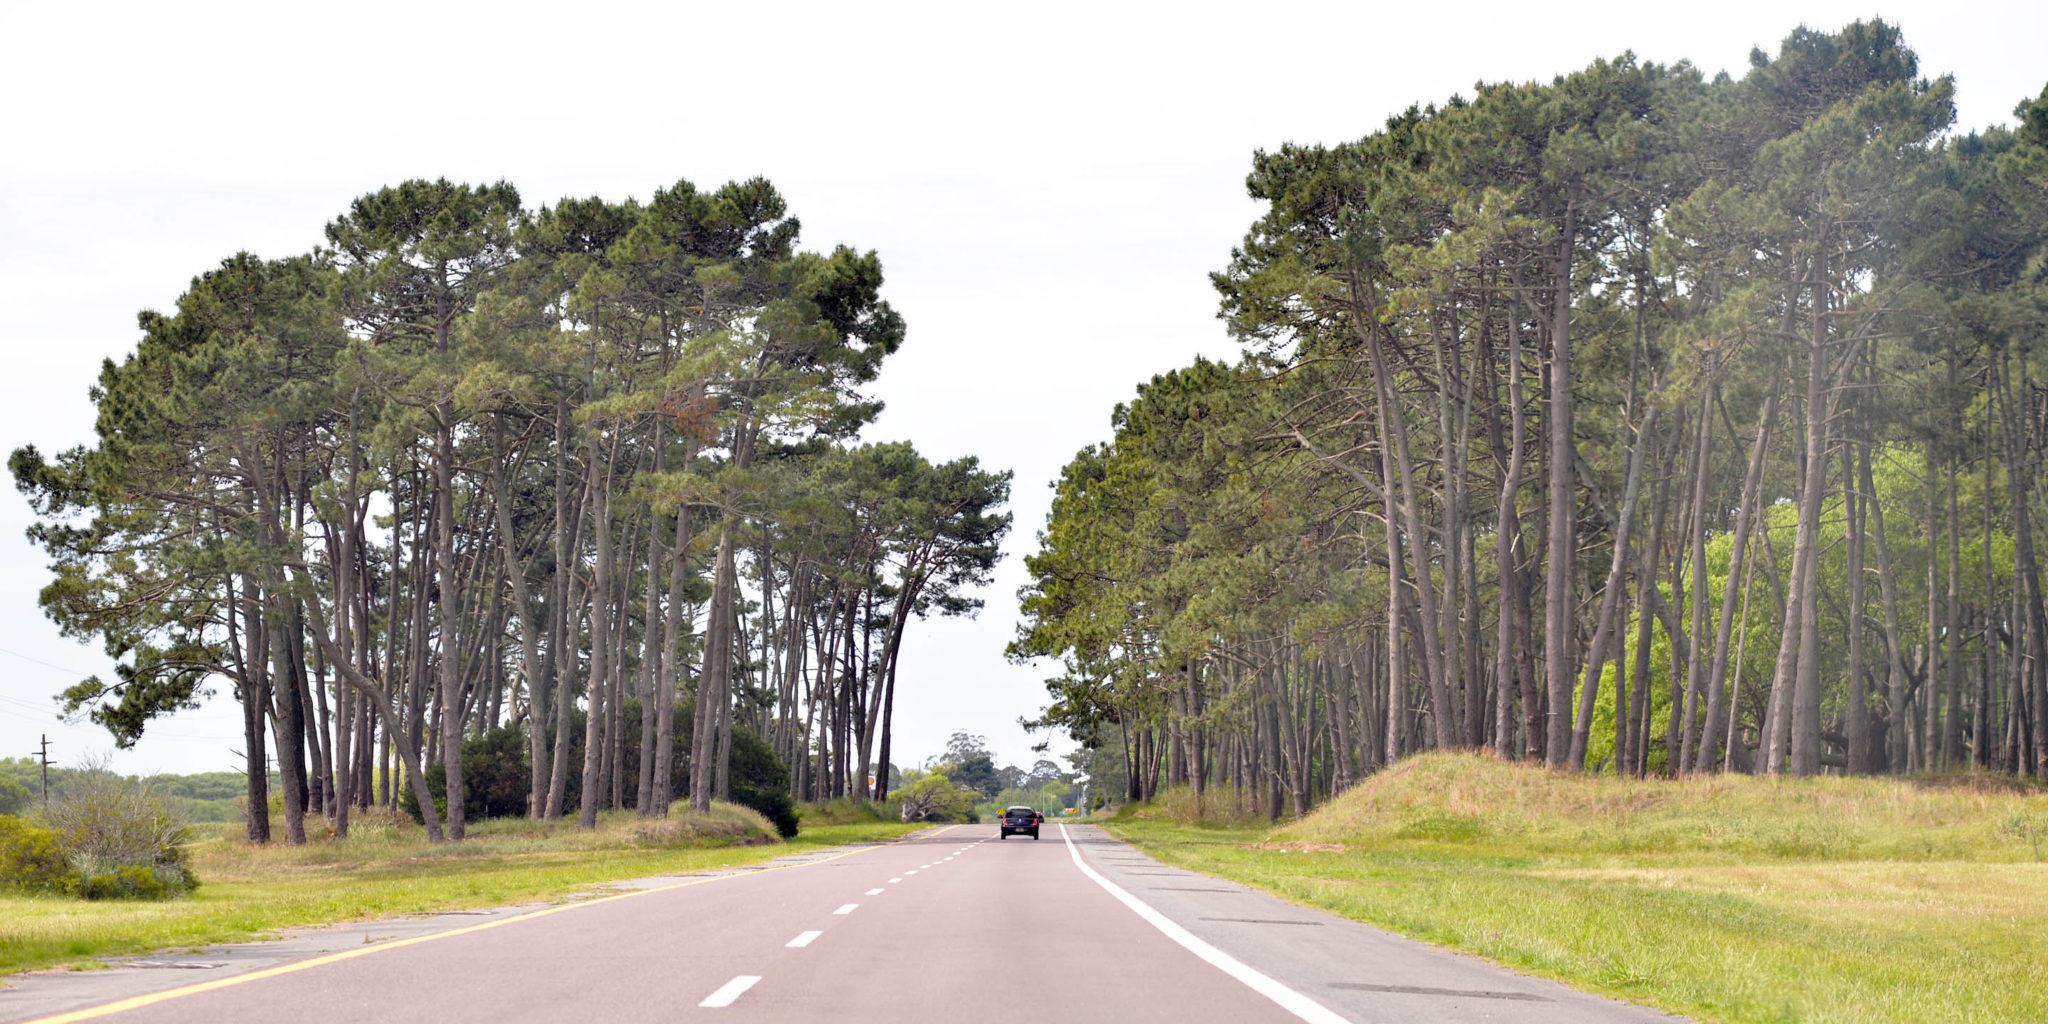 La ruta 11 ya es doble mano desde hace varios años entre Pinamar y Villa Gesell. (Foto Ricardo Stinco)